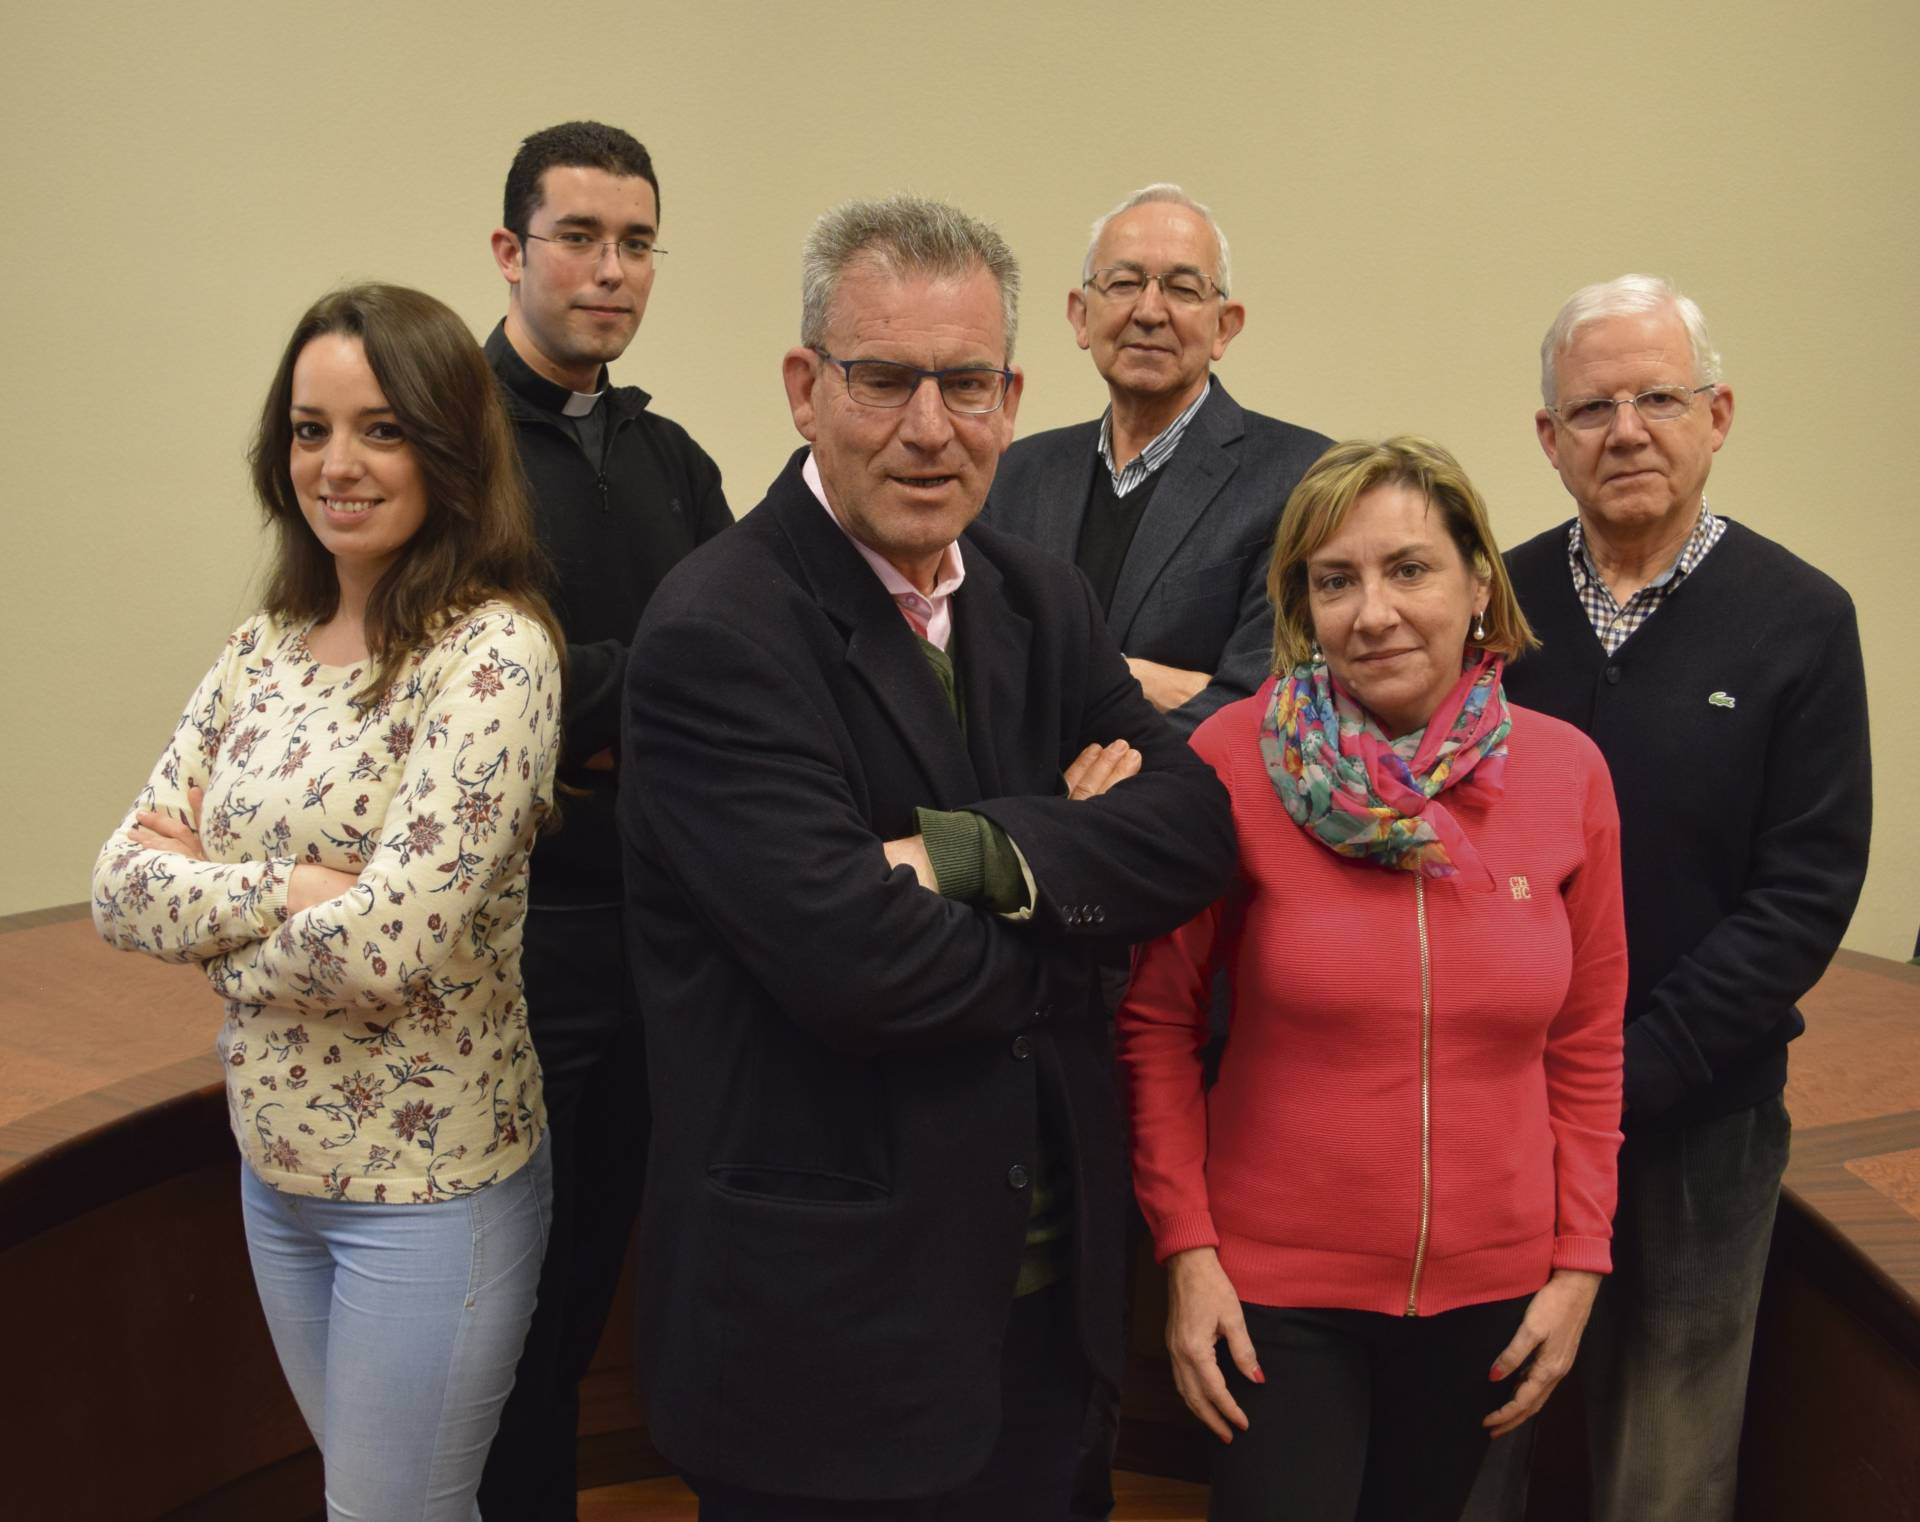 Equipo que conforma la delegación de Medios de Comunicación de la diócesis.